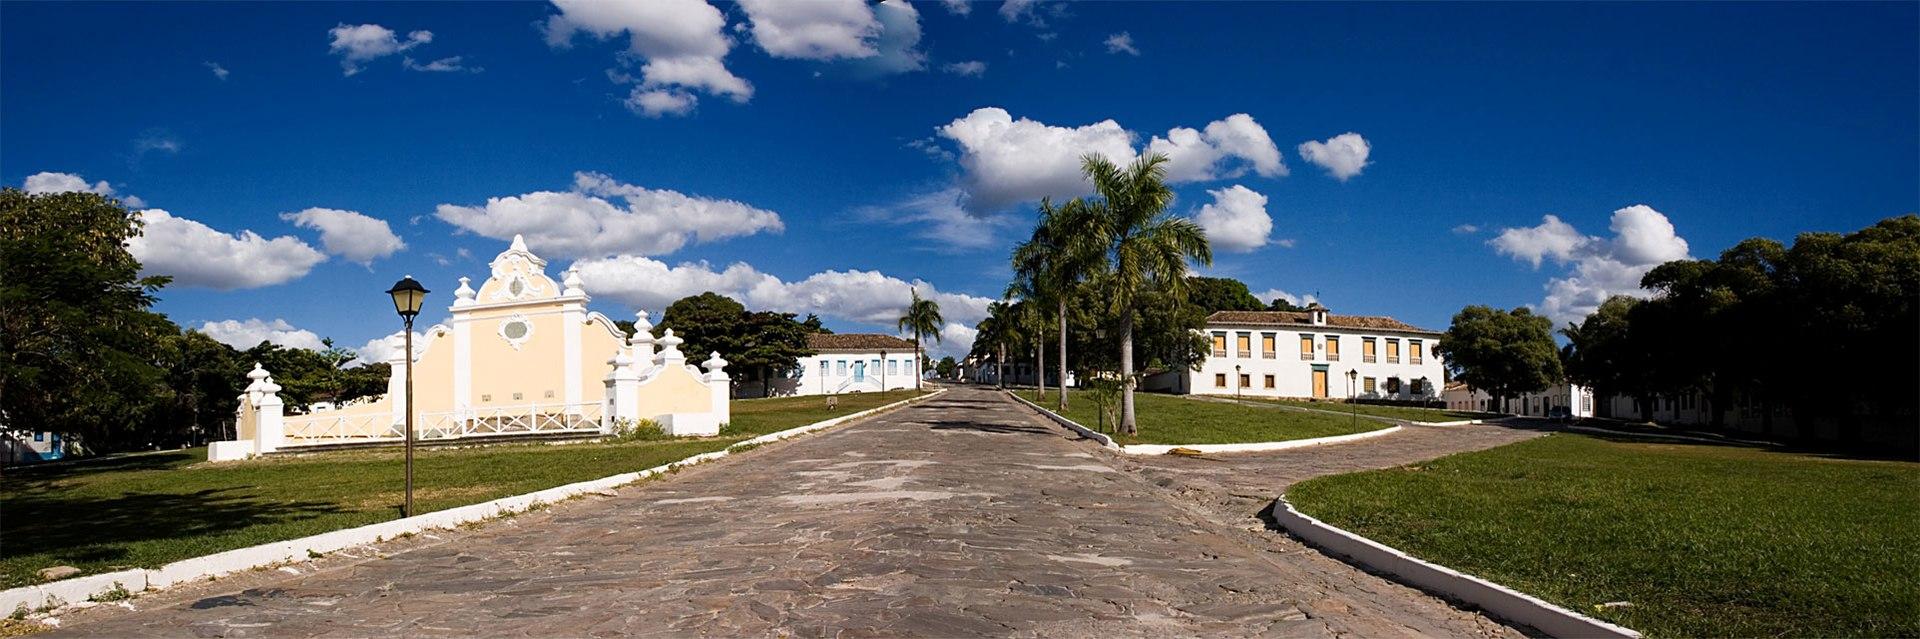 Chafariz e casa de câmara e cadeia de Goiás.jpg